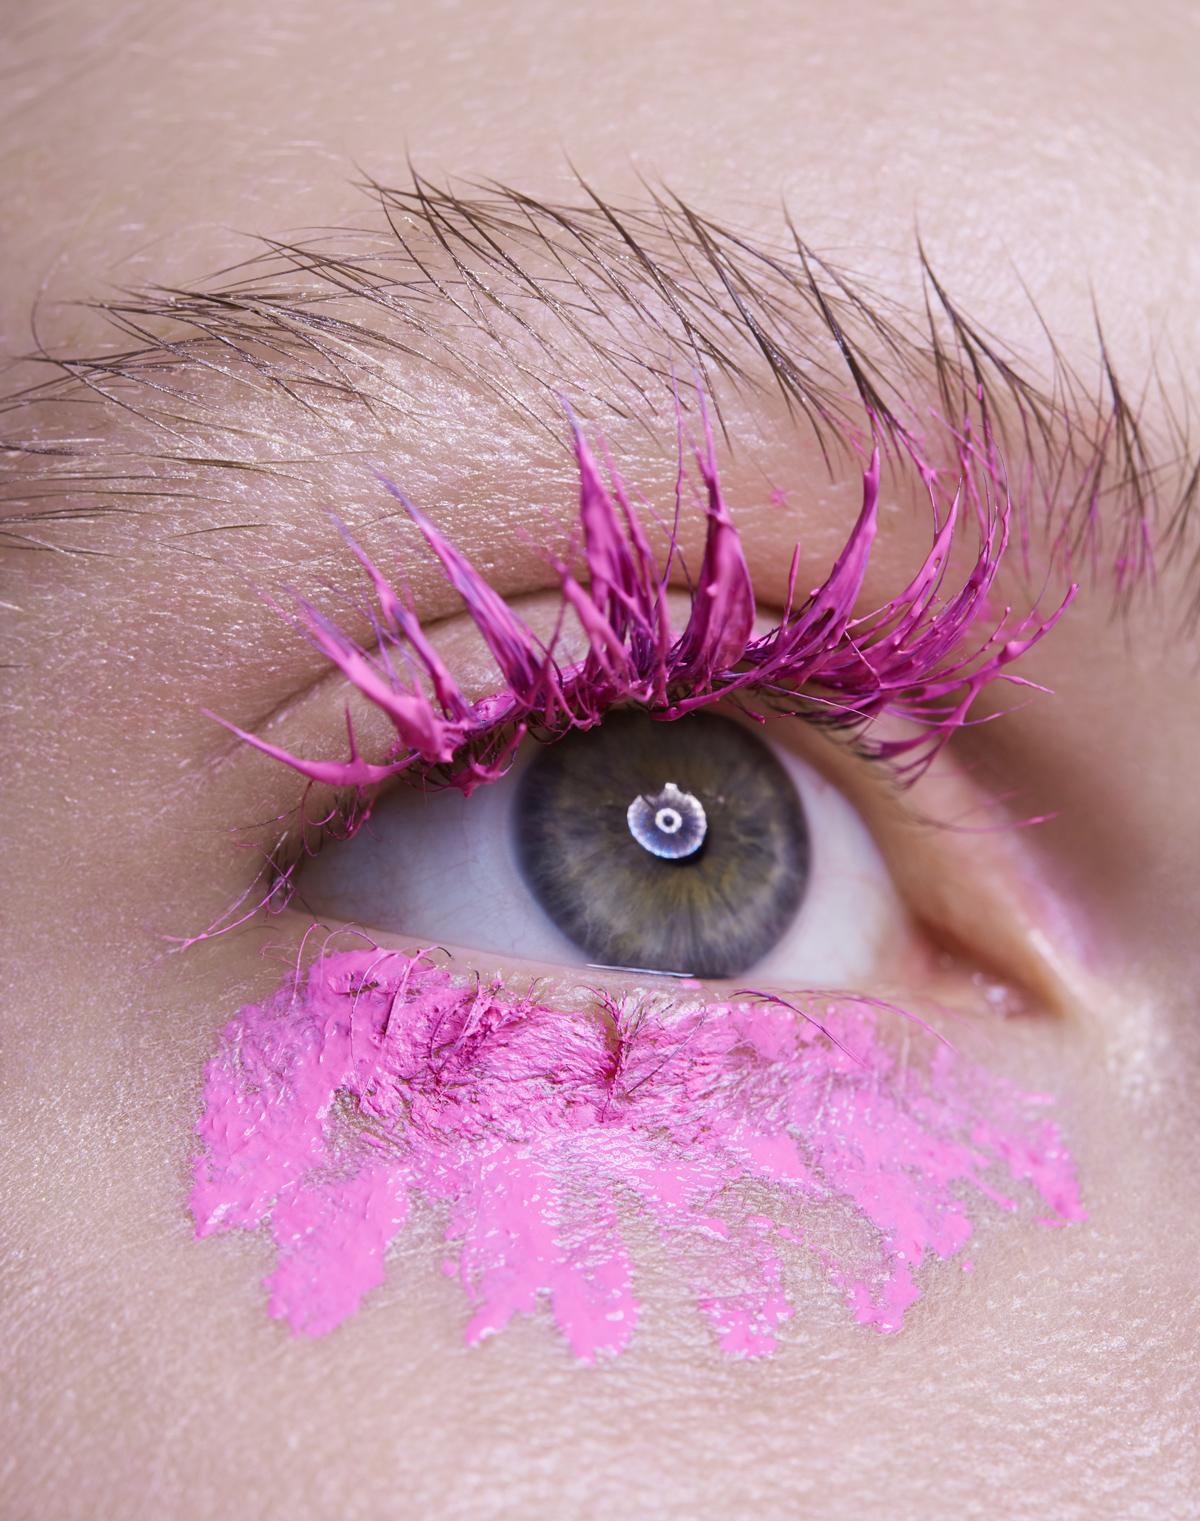 2018-08-01-pink-magda-0509-1 WEB.jpg